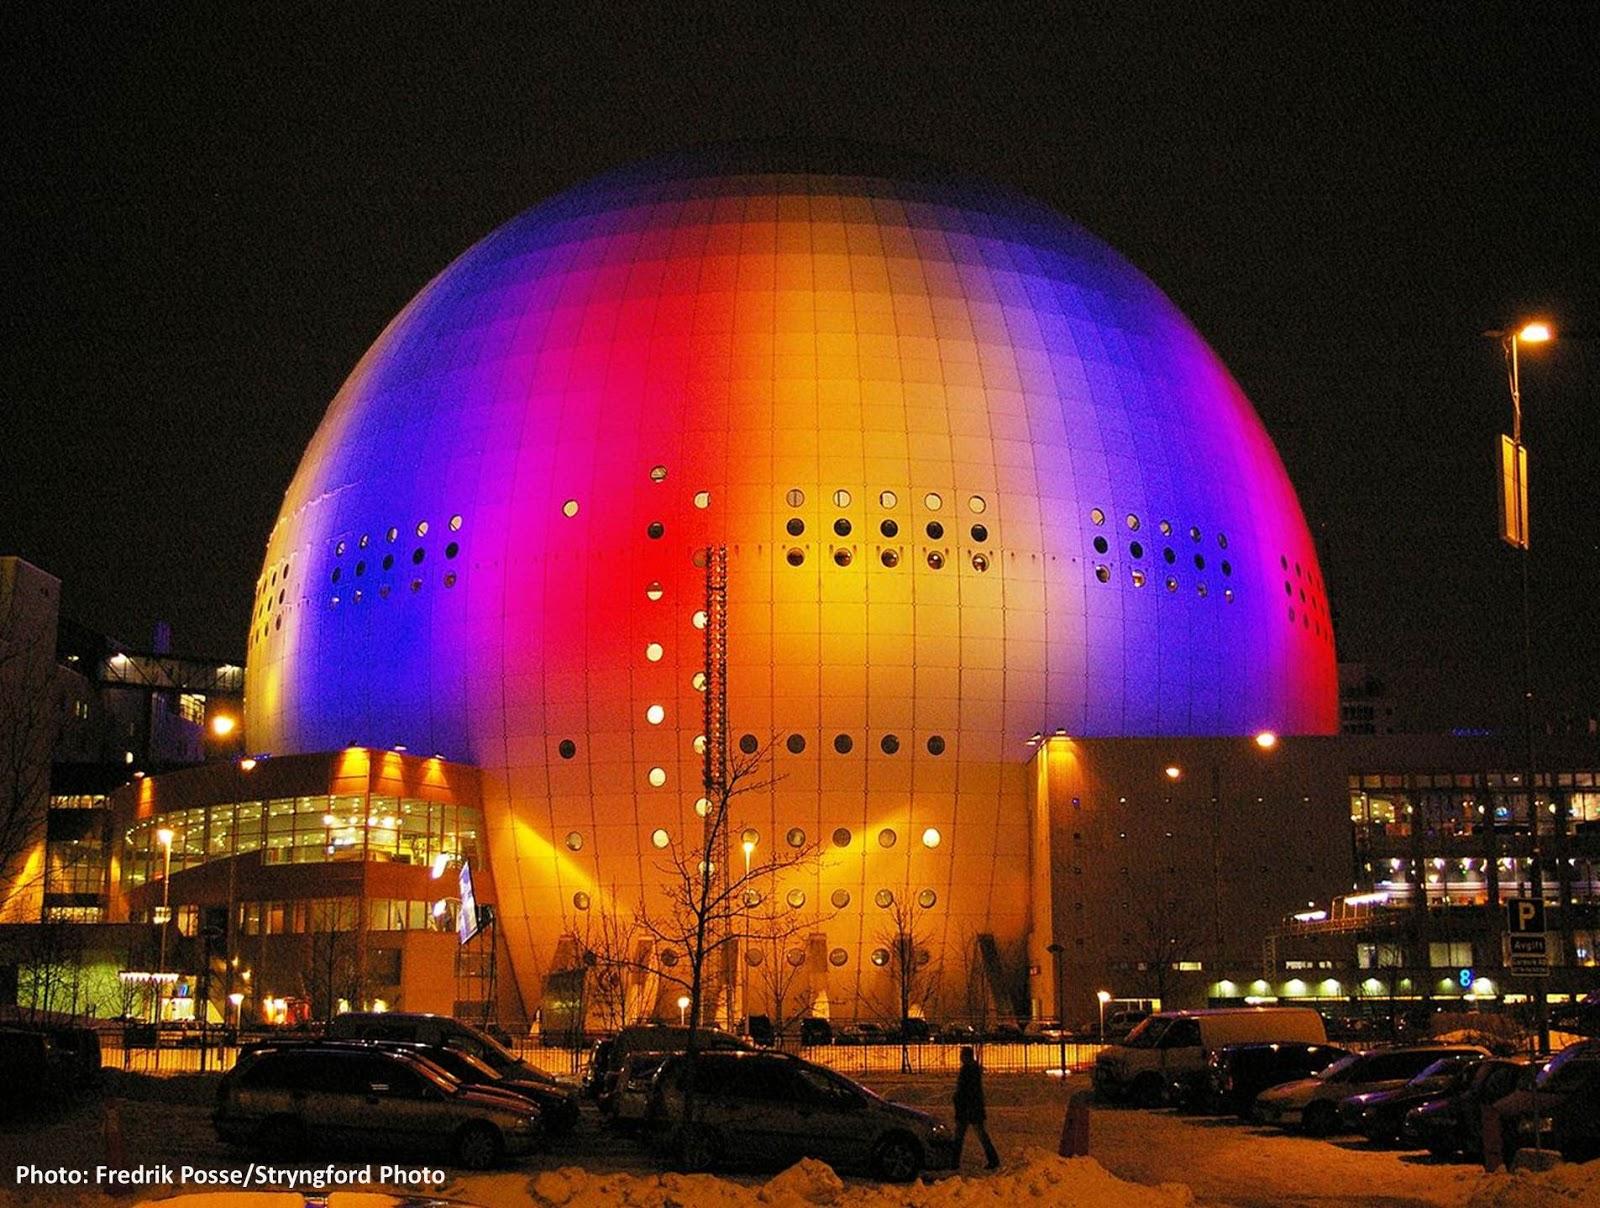 إريكسون غلوب تحفة فنية ومعمارية من السويد !